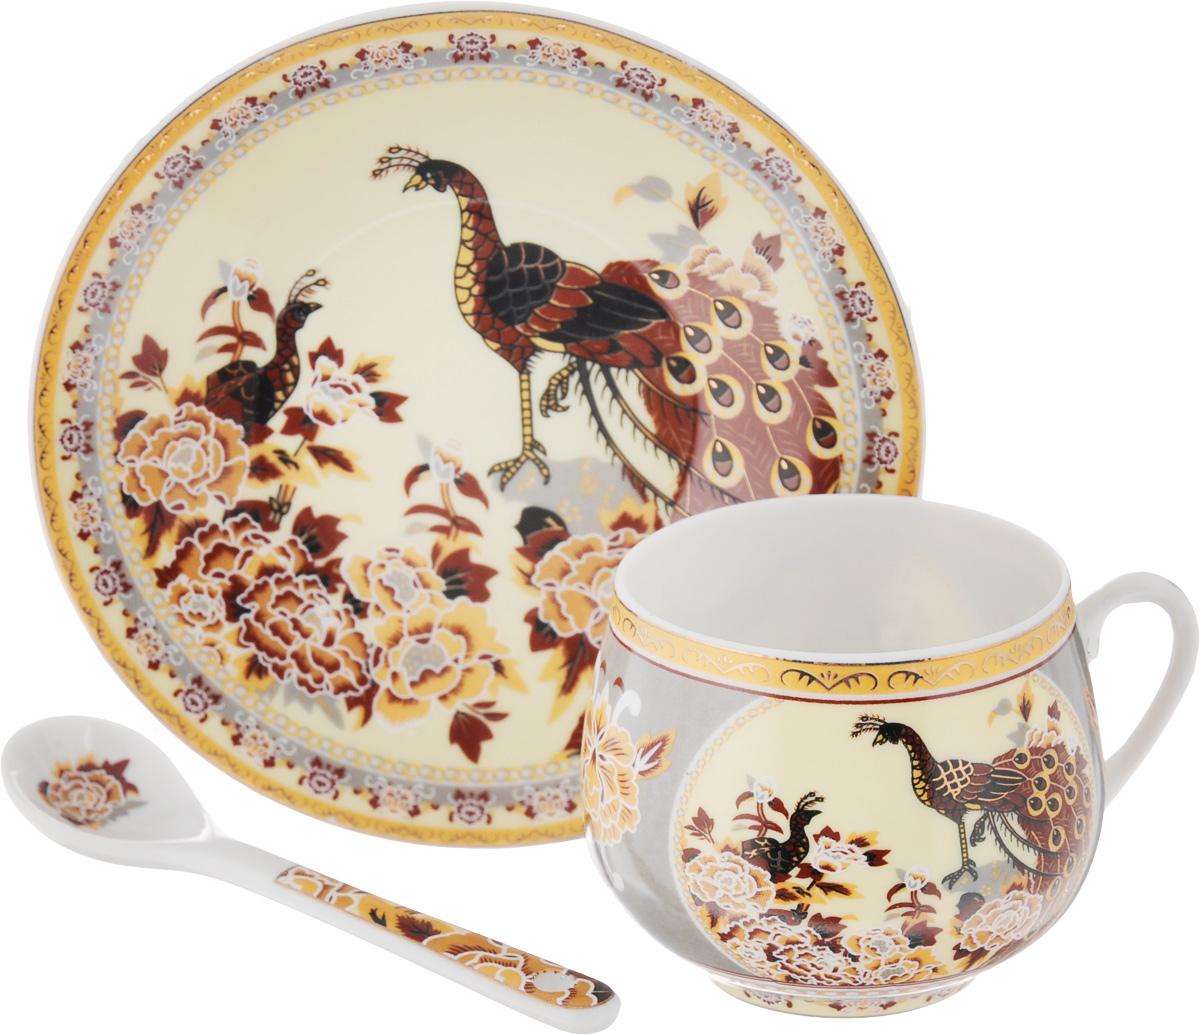 Кофейная пара Elan Gallery Павлин на золоте с ложкой, 130 млVT-1520(SR)Кофейная пара Elan Gallery Павлин на золоте с ложкой выполнены из керамики высокого качества и оформлены красочными рисунками. Яркий дизайн, несомненно, придется по вкусу.Кофейная пара Elan Gallery Павлин на золотеукрасит ваш кухонный стол, а также станет замечательным подарком к любому празднику.Объем чашки: 130 мл.Диаметр чашки (по верхнему краю): 5,5 см.Диаметр основания: 3,5 см.Высота чашки: 5,5 см.Диаметр блюдца: 11,5 см.Длина ложки: 10 см.